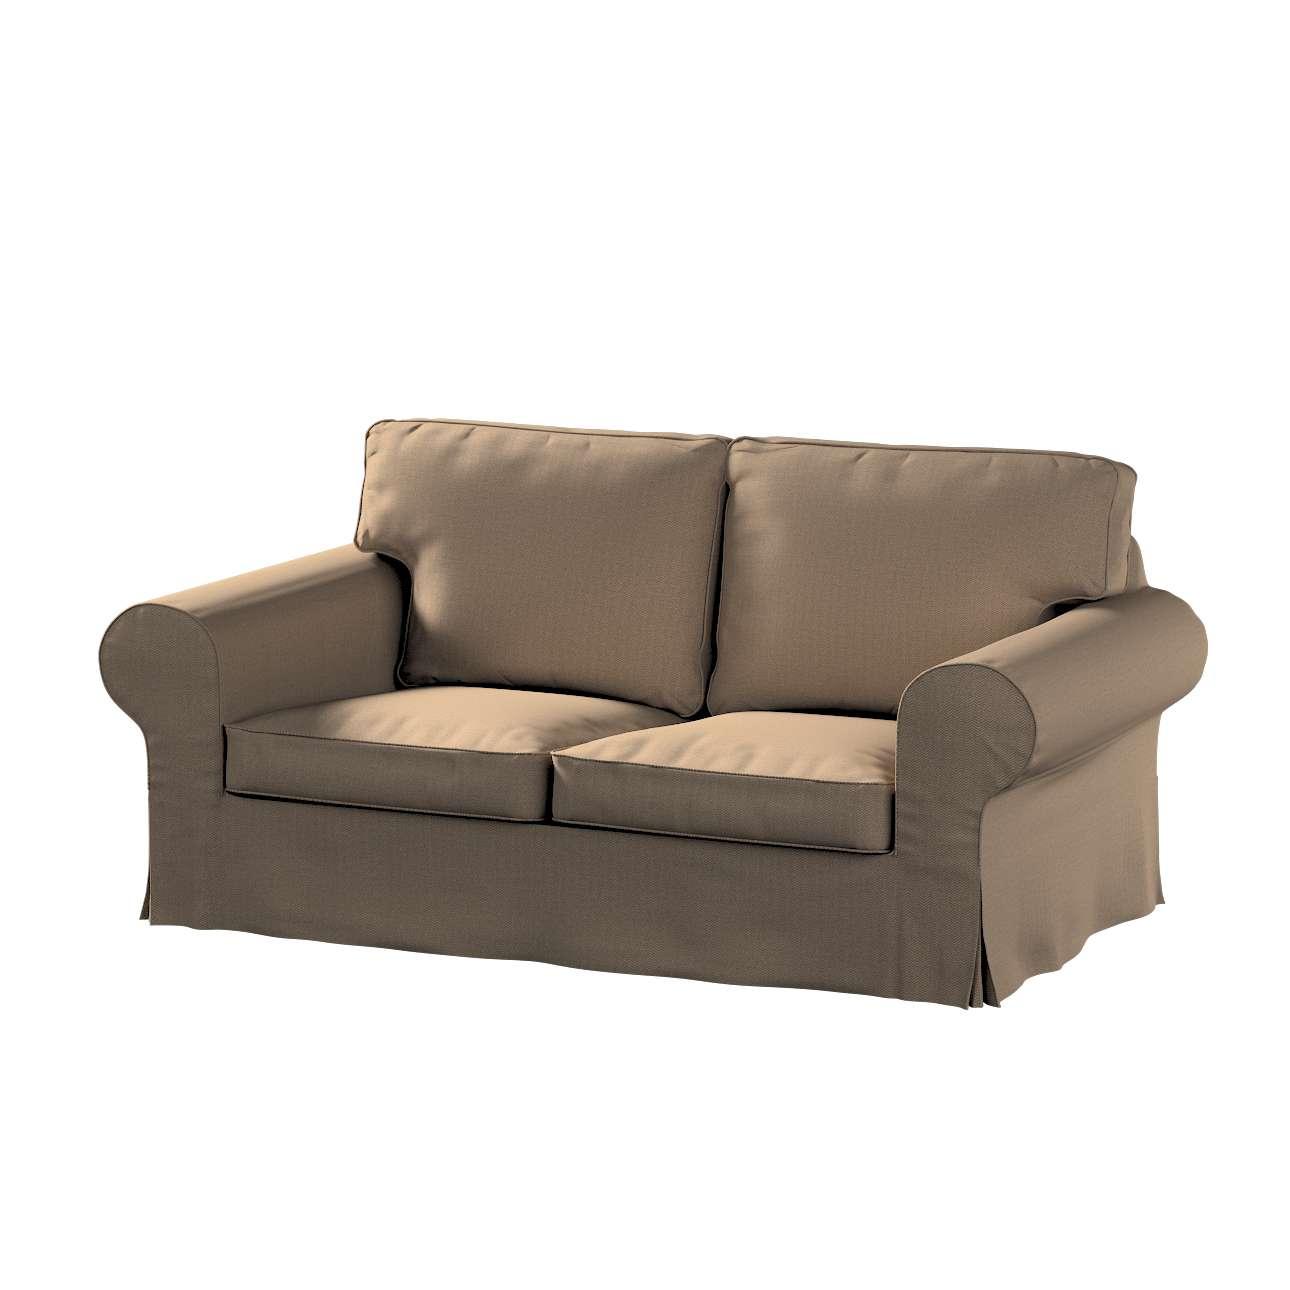 Pokrowiec na sofę Ektorp 2-osobową, nierozkładaną w kolekcji Bergen, tkanina: 161-85